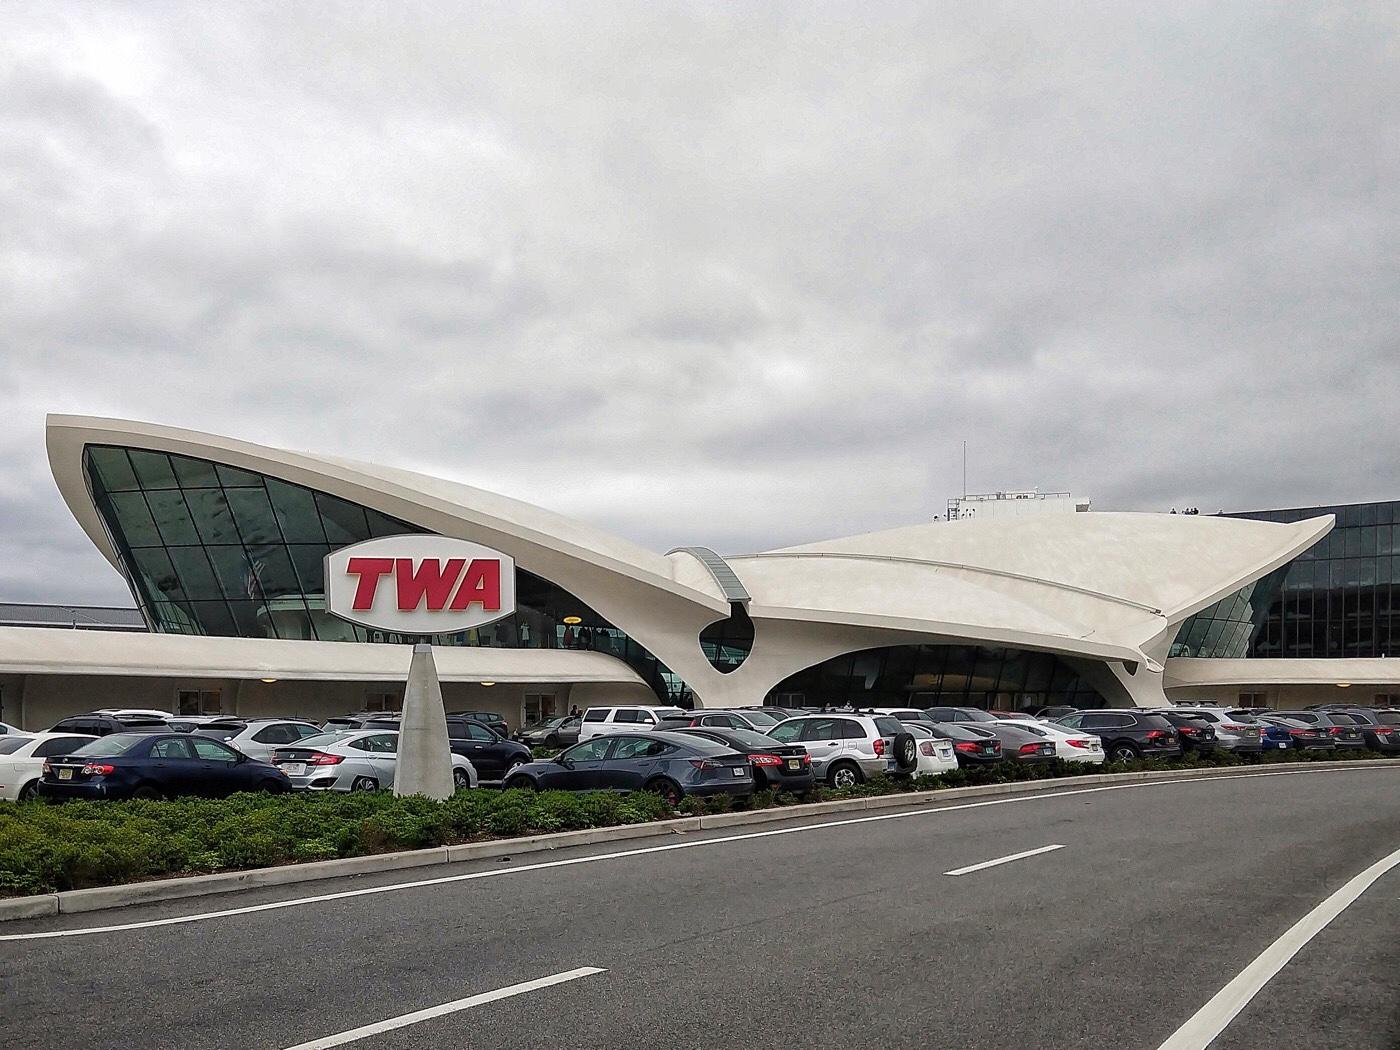 New York, TWA Hotel, JFK Airport